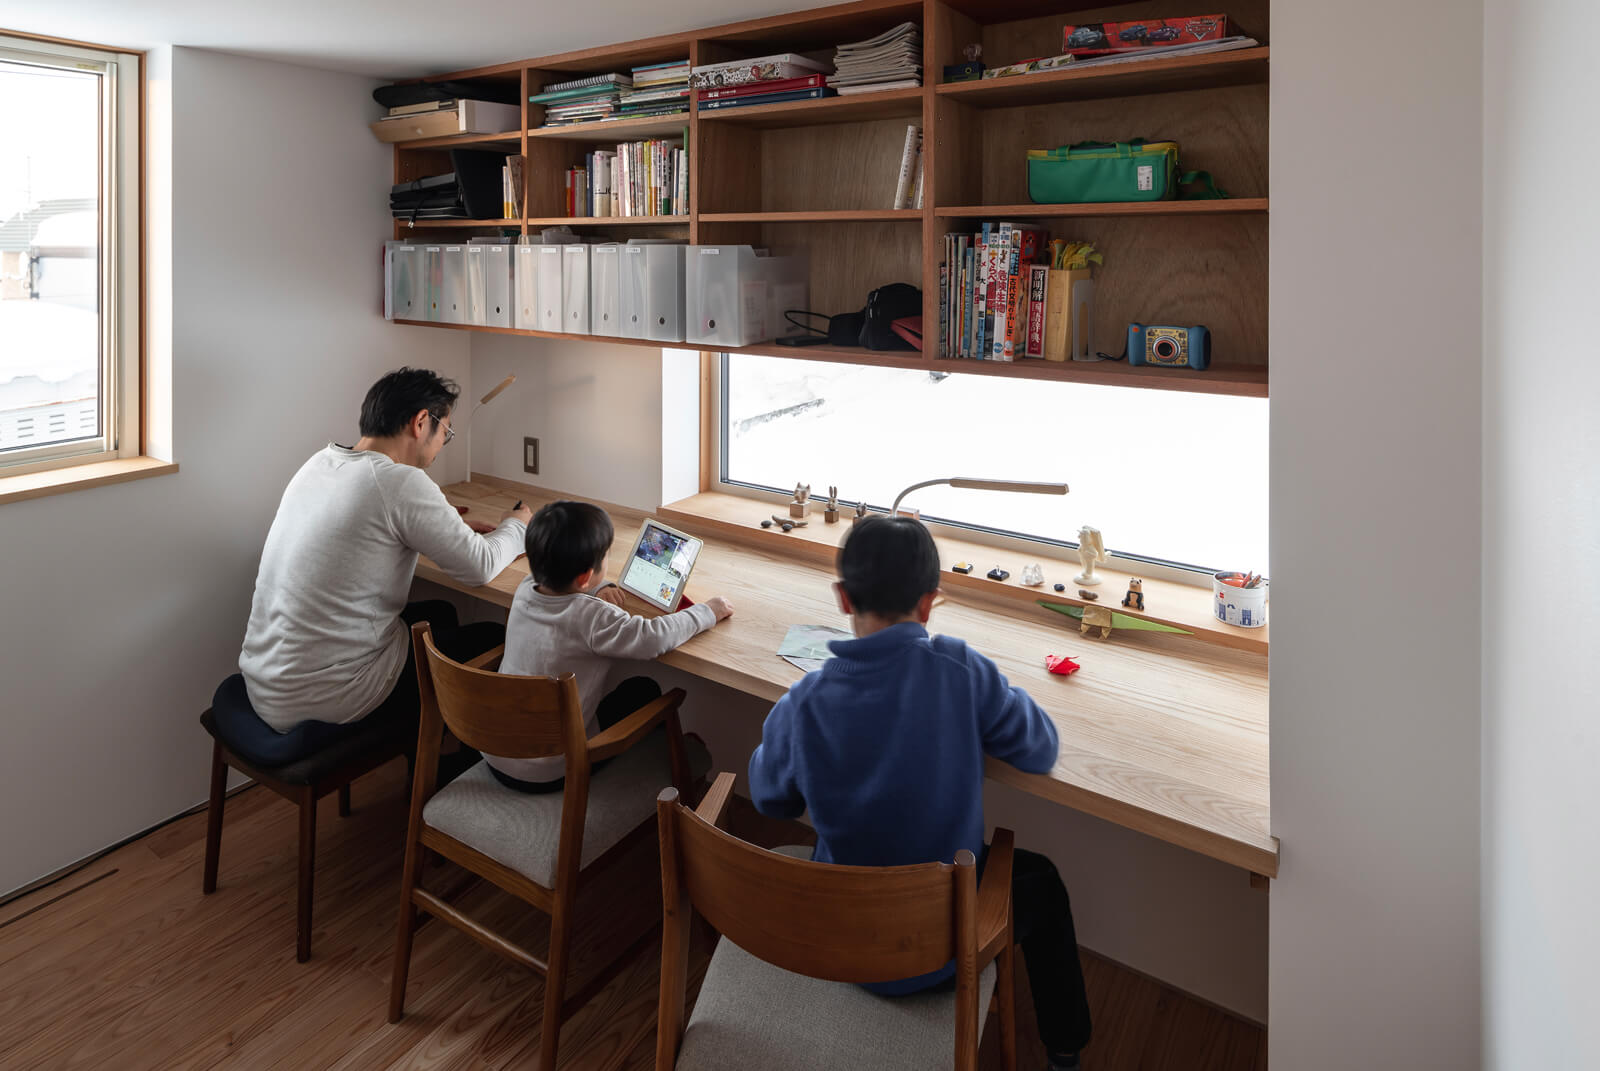 外の景色を眺めながらイラストの制作や読書ができる2階の書斎は、Oさんのお気に入り。デスクや棚は造作仕様。「仕事をしている時も、こんな風に子どもたちと一緒に過ごせるのが理想だったんです」(Oさん)